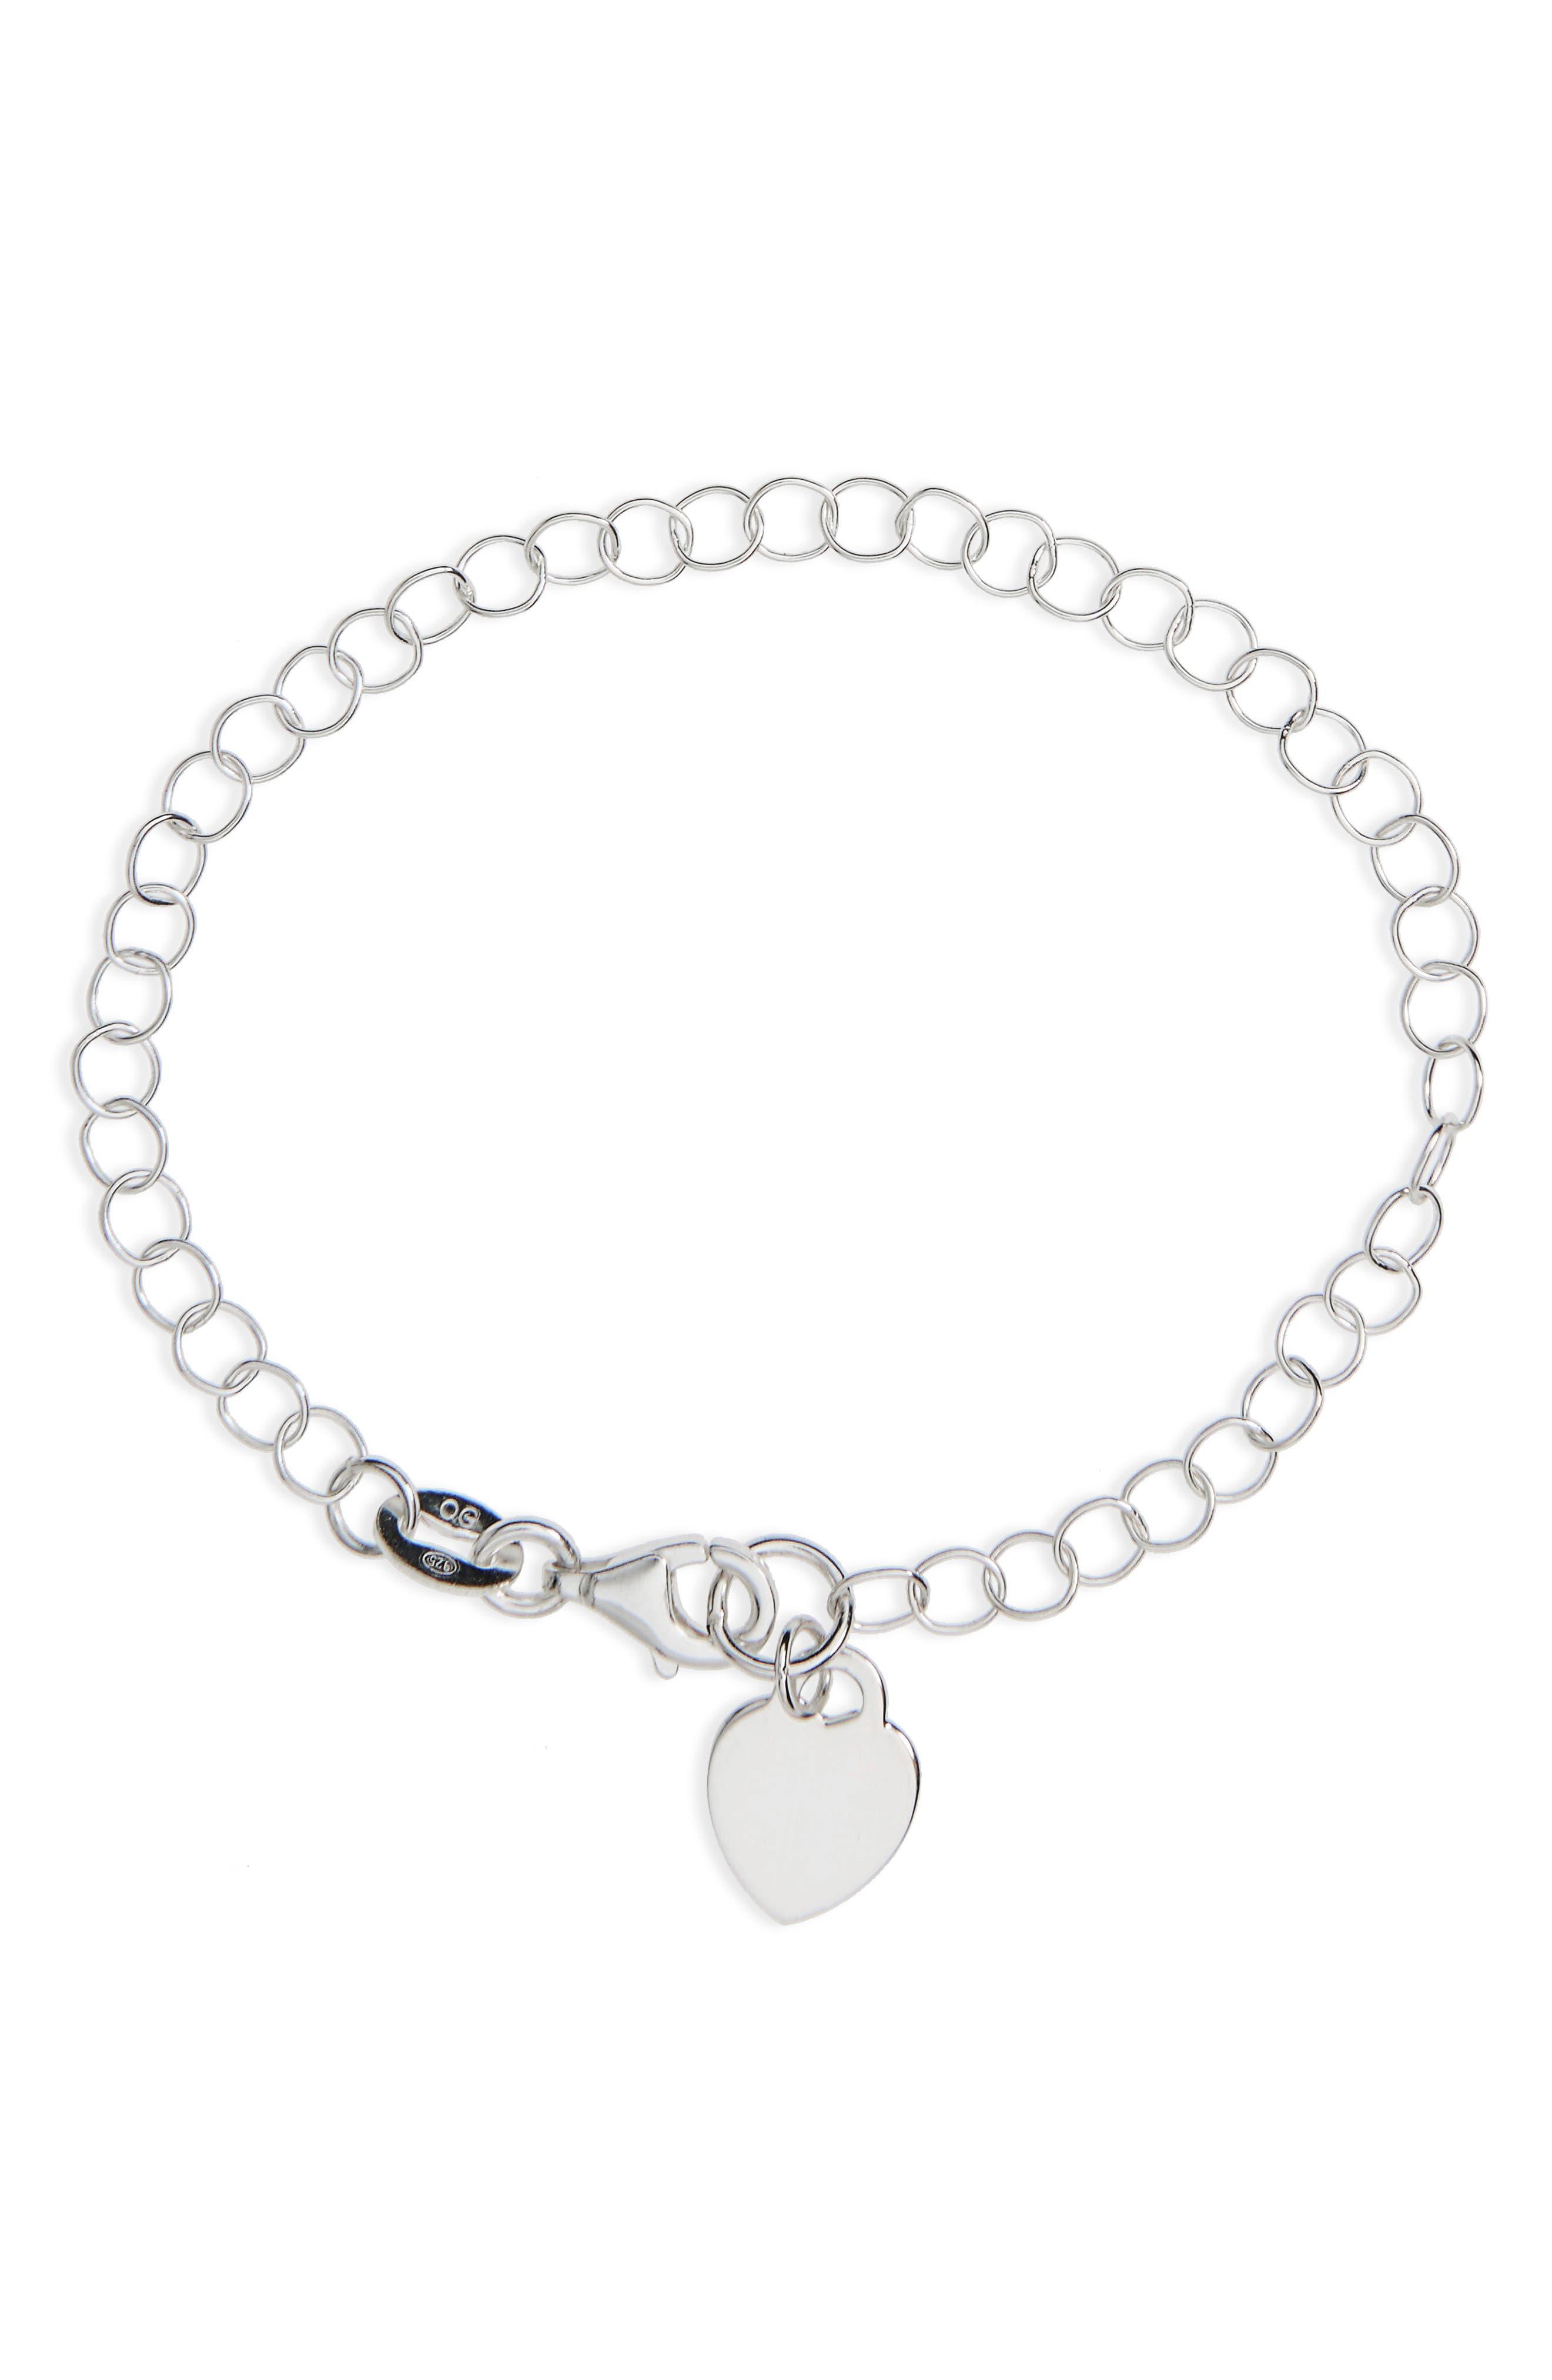 Alternate Image 1 Selected - Kardee Kids Heart Charm Sterling Bracelet (Girls)